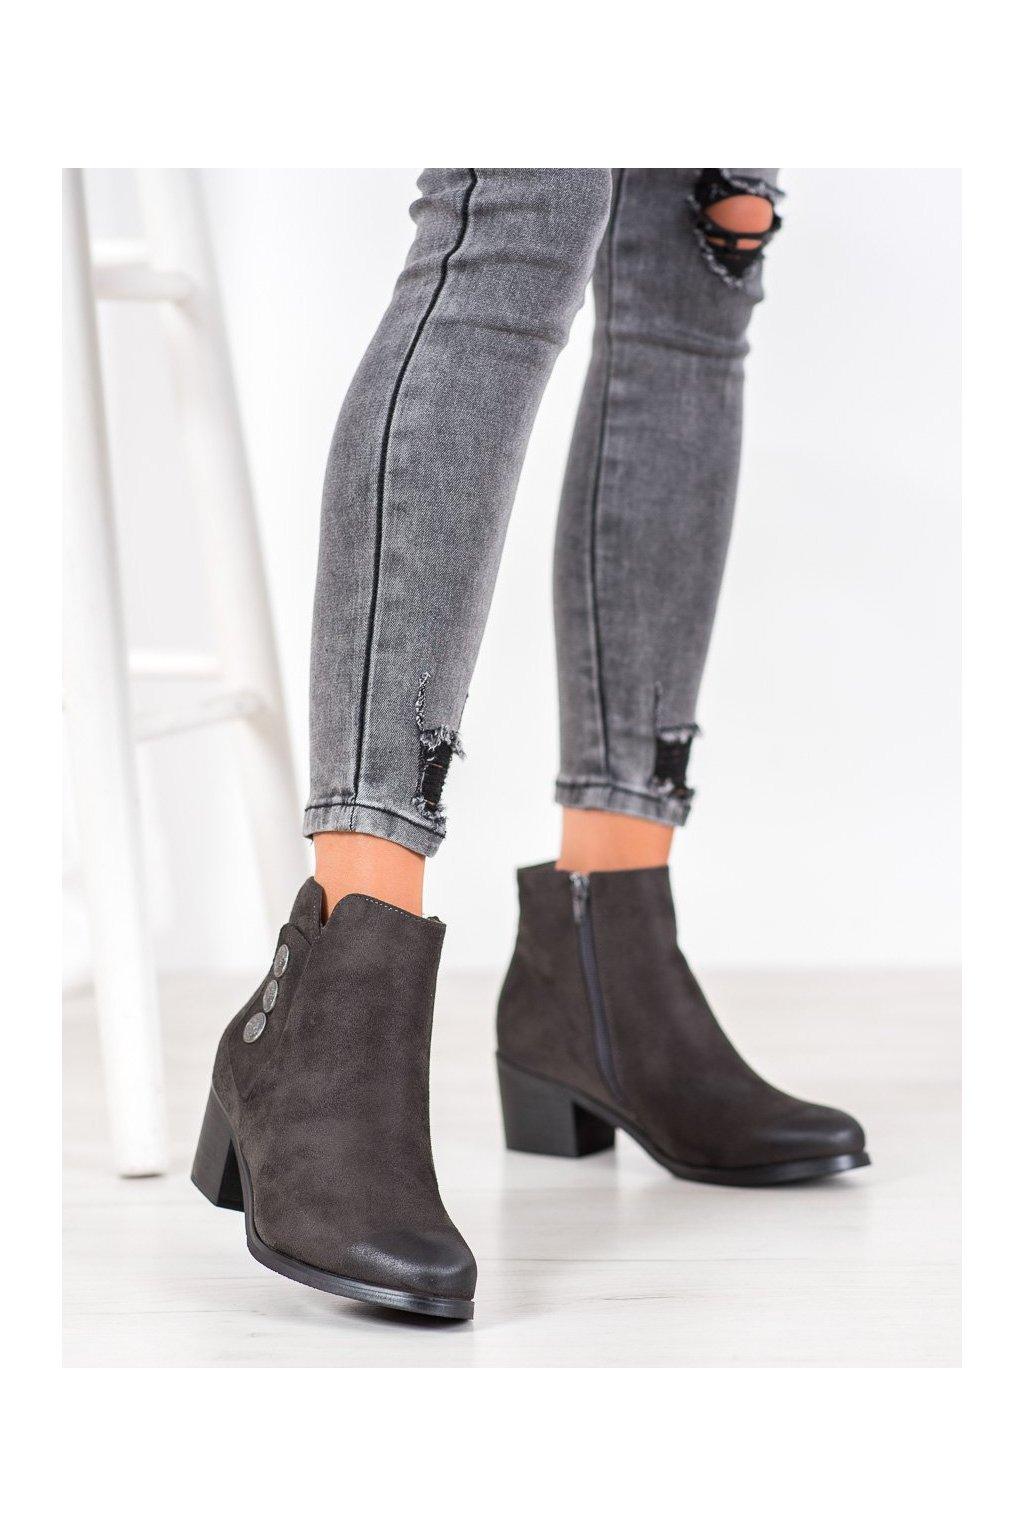 Sivé dámske topánky Goodin kod GD-DS-05A-G